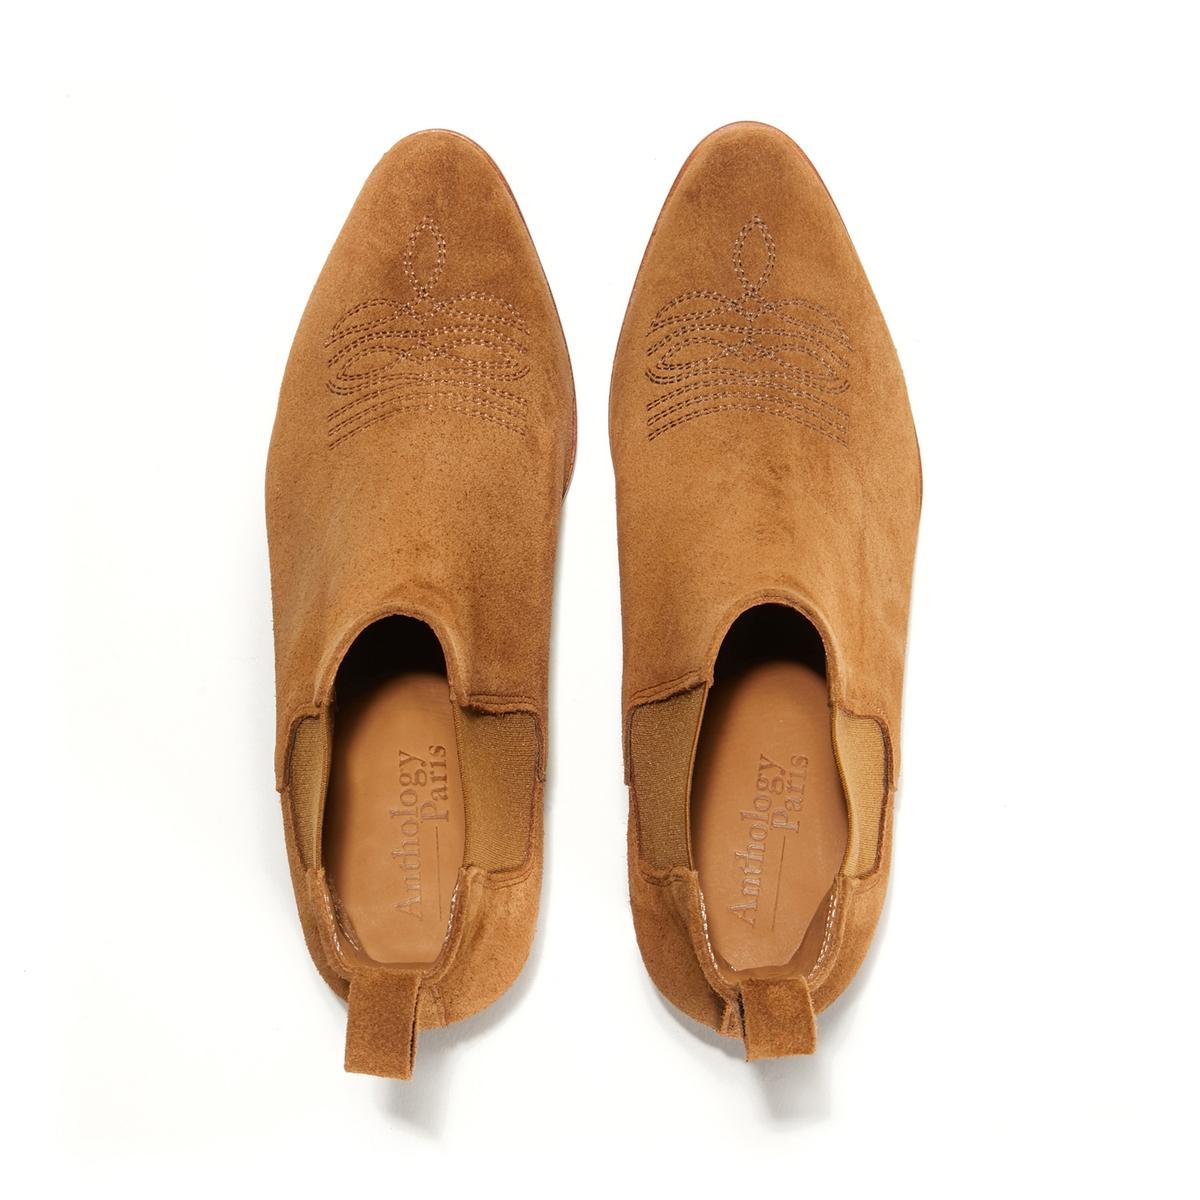 Ботильоны кожаные TampaОписание:Ботильоны на среднем каблуке ANTHOLOGY PARIS - модель TAMPA с эластичными вставками по бокам и прострочкой тон в тонДетали   •  Высота голенища : 17 см для размера 37 •  Высота каблука : 5 см •  Застежка : на молнию •  Круглый мысок •  Велюровая отделка, нубукСостав и уход •  Верх 100% кожа •  Стелька 100% кожа • Подошва из кожи<br><br>Цвет: коньячный